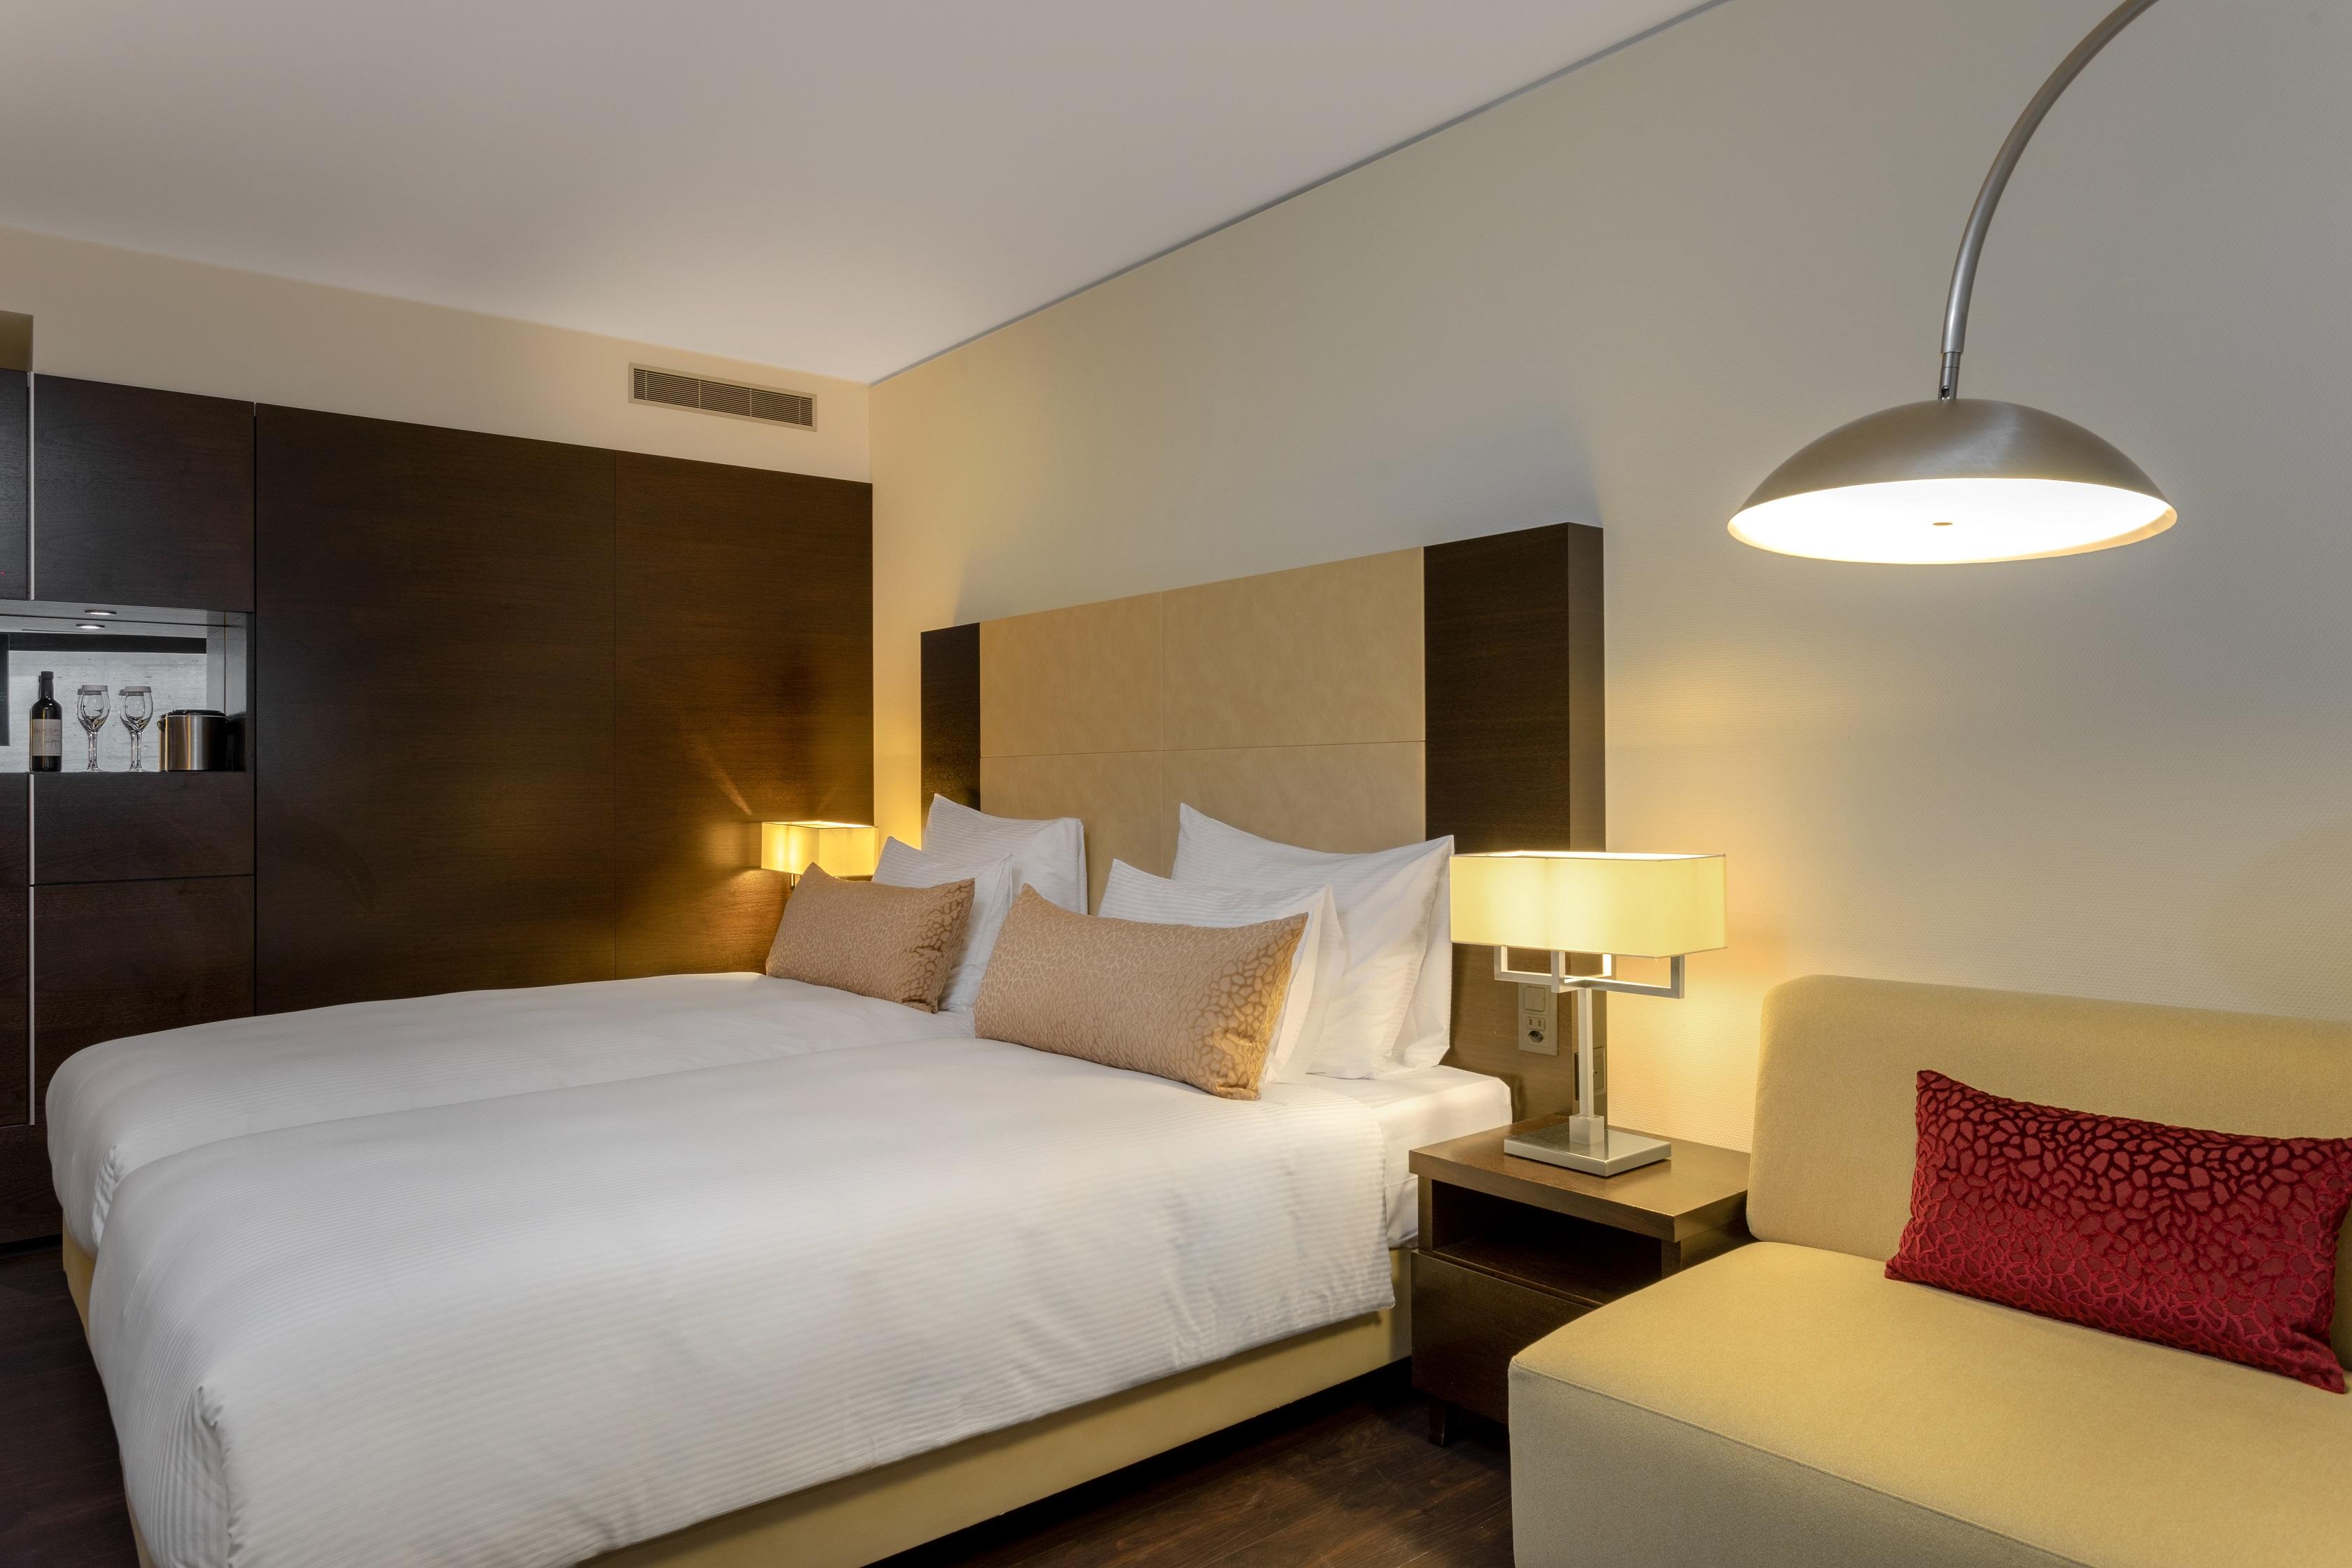 https://www.hotelsbyday.com/_data/default-hotel_image/2/12997/zrhfp-twin.jpg